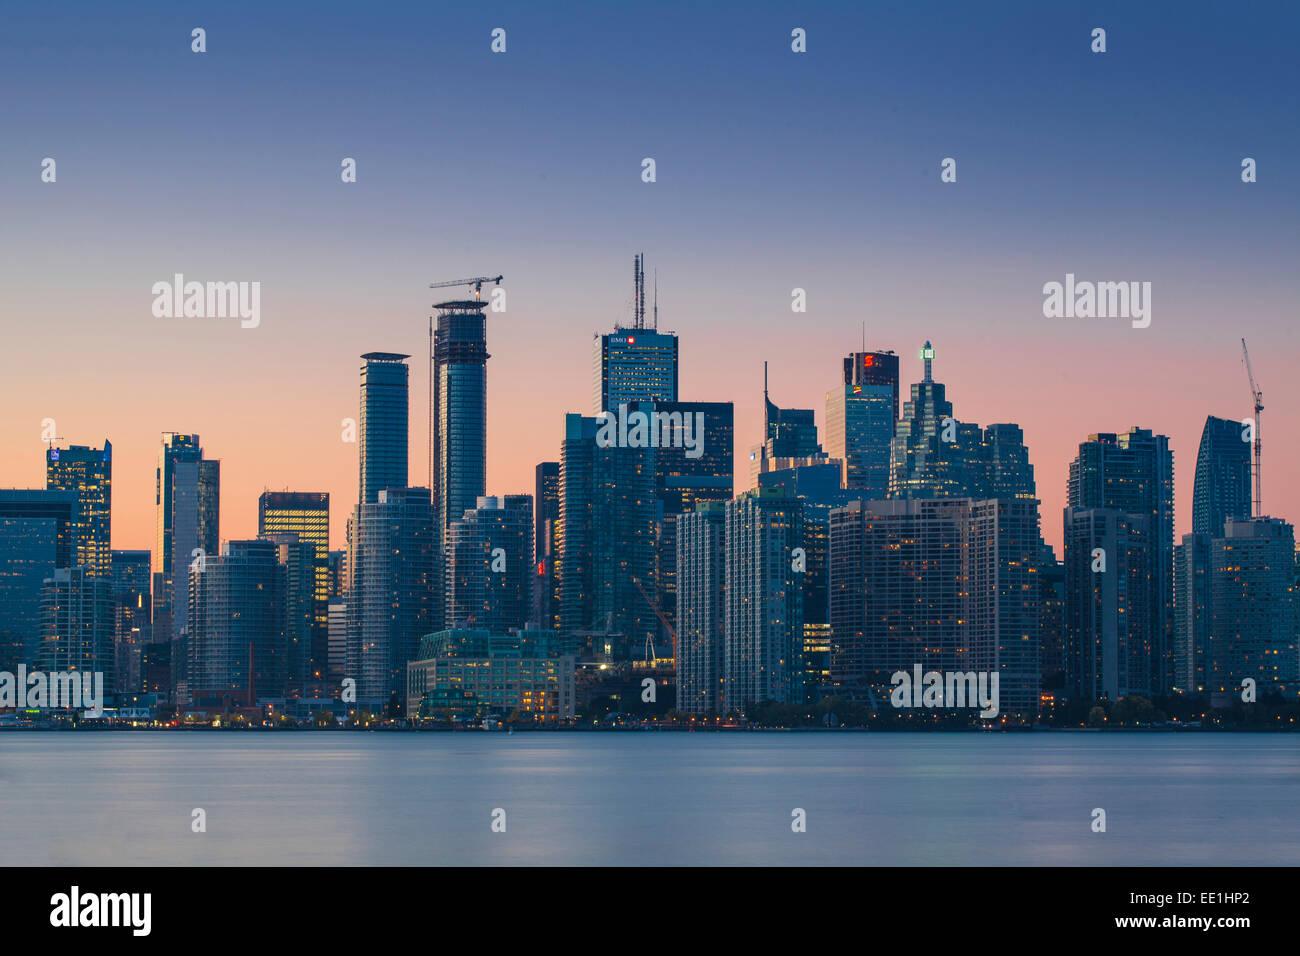 Vista de la ciudad de Toronto, Ontario, Canadá, América del Norte Imagen De Stock